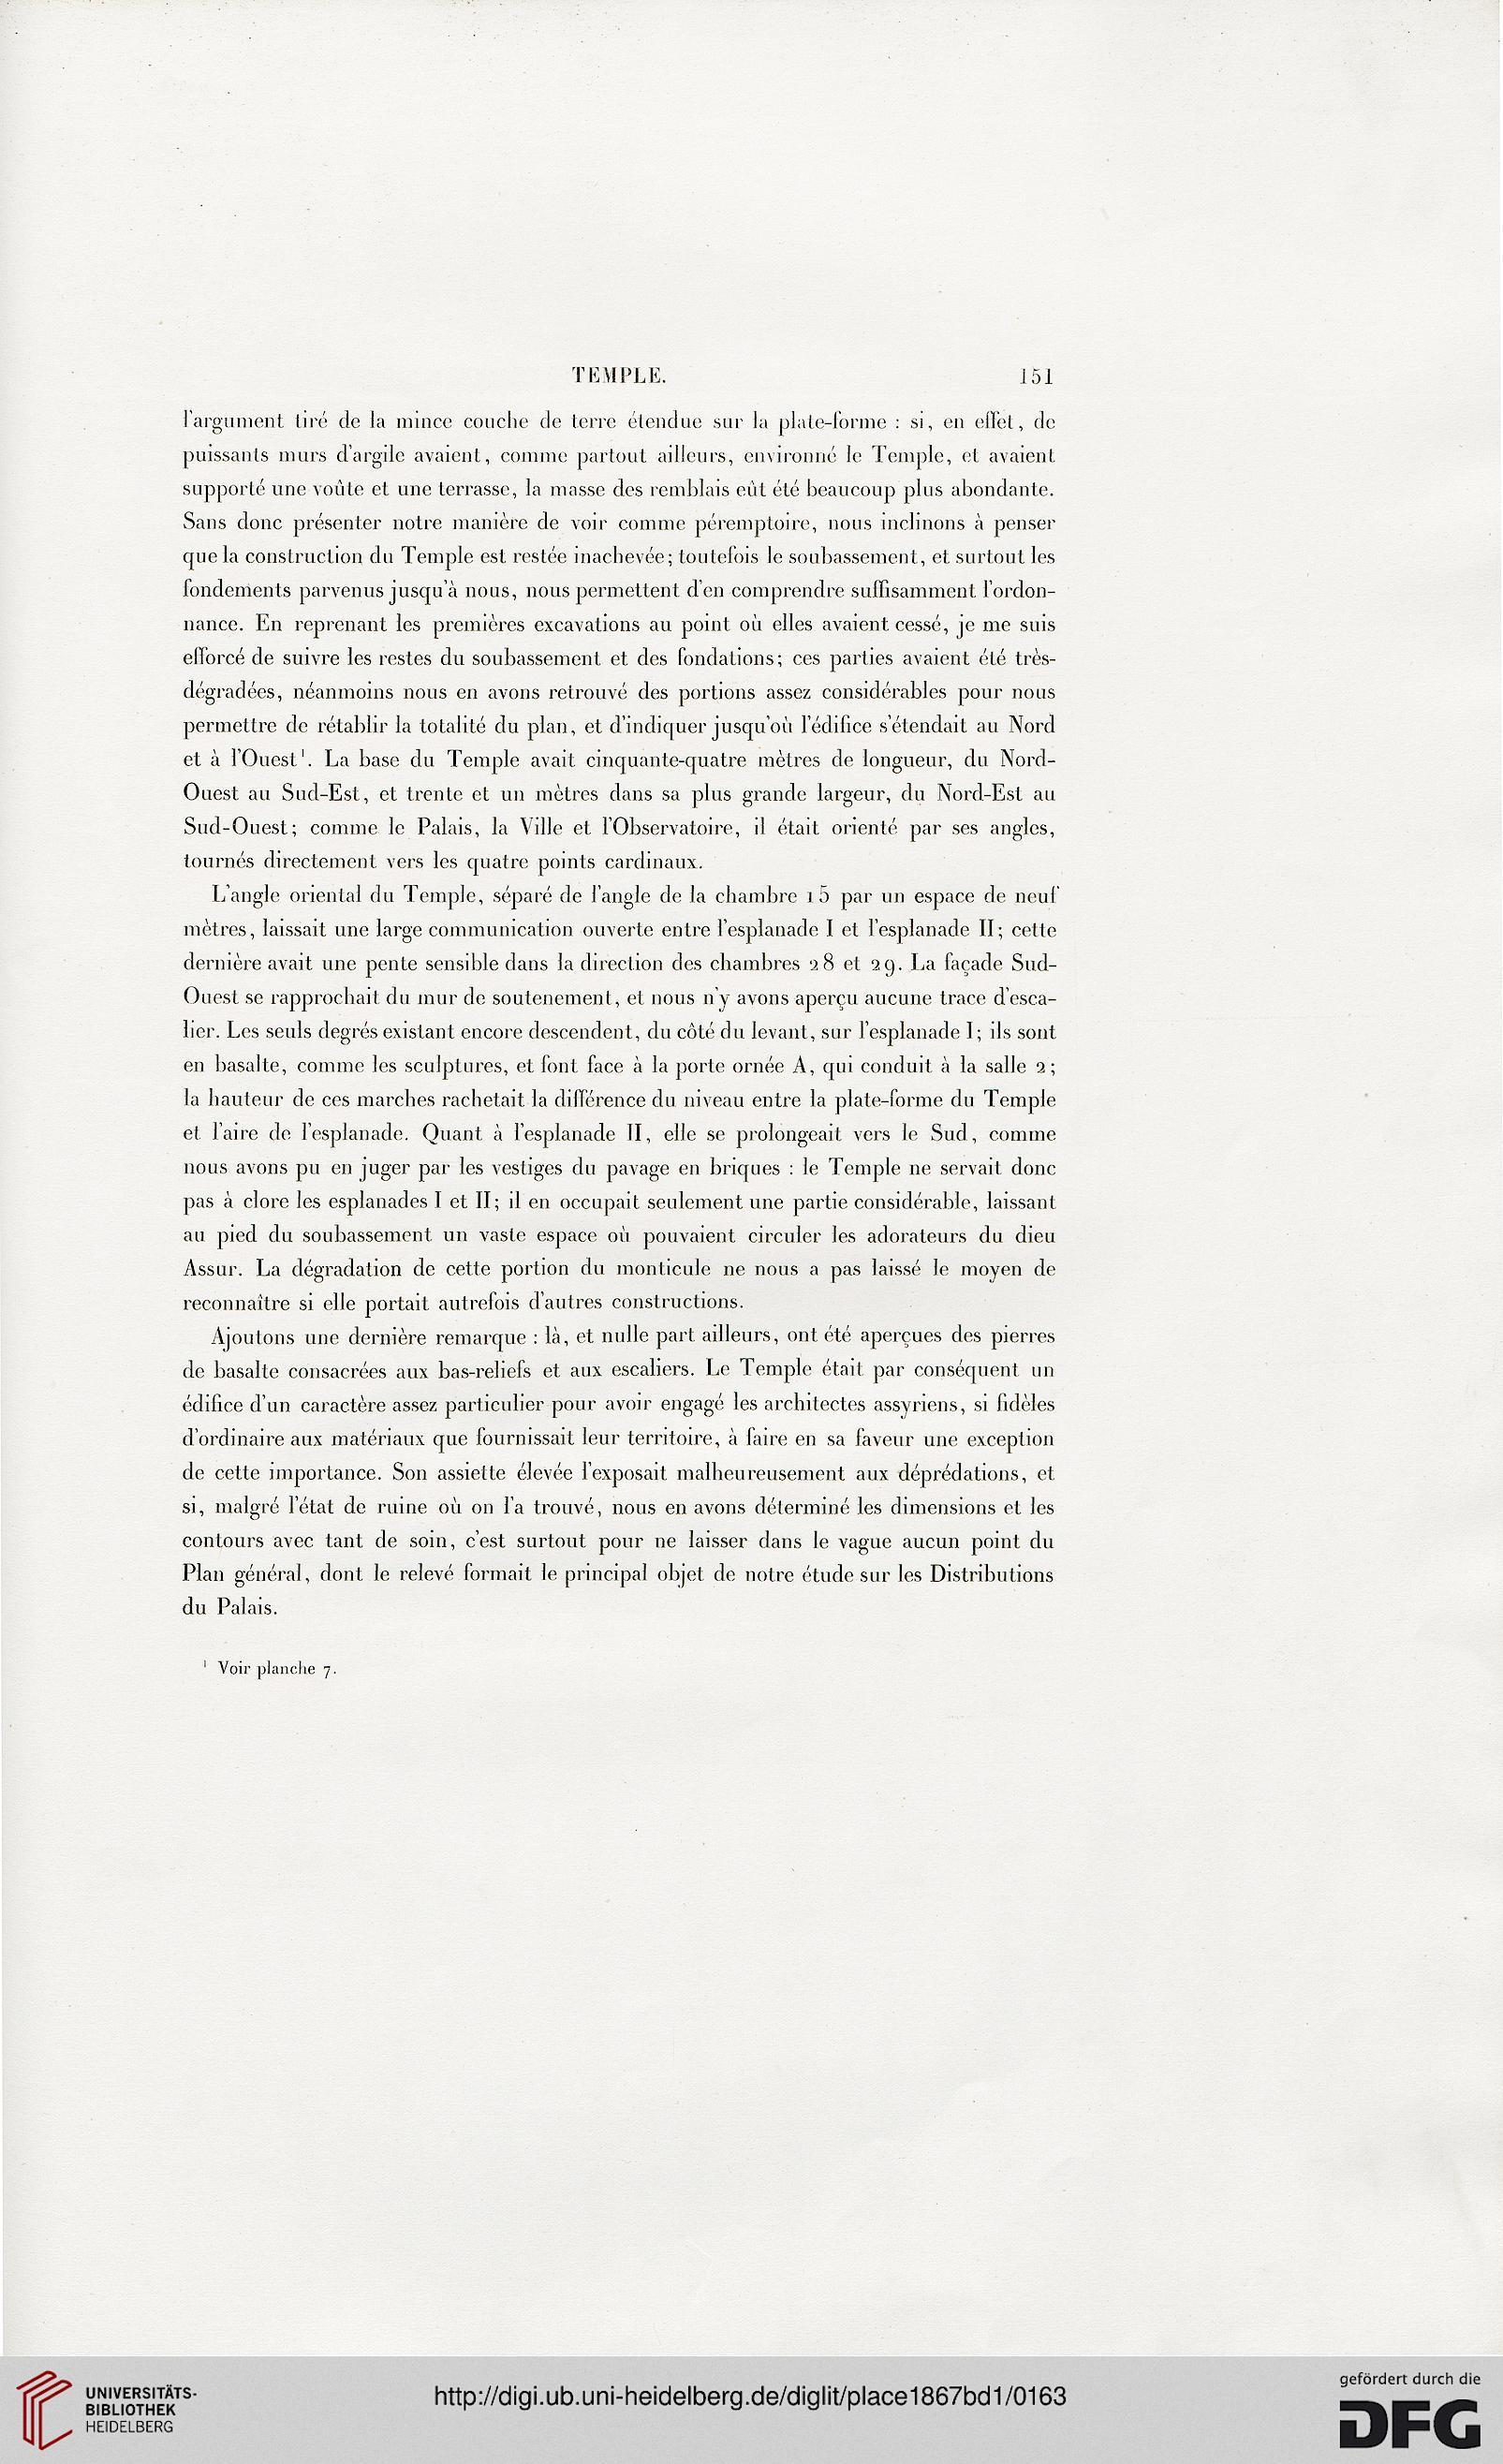 Place, Victor: Ninive et l\'Assyrie (Band 1) (Paris, 1867)